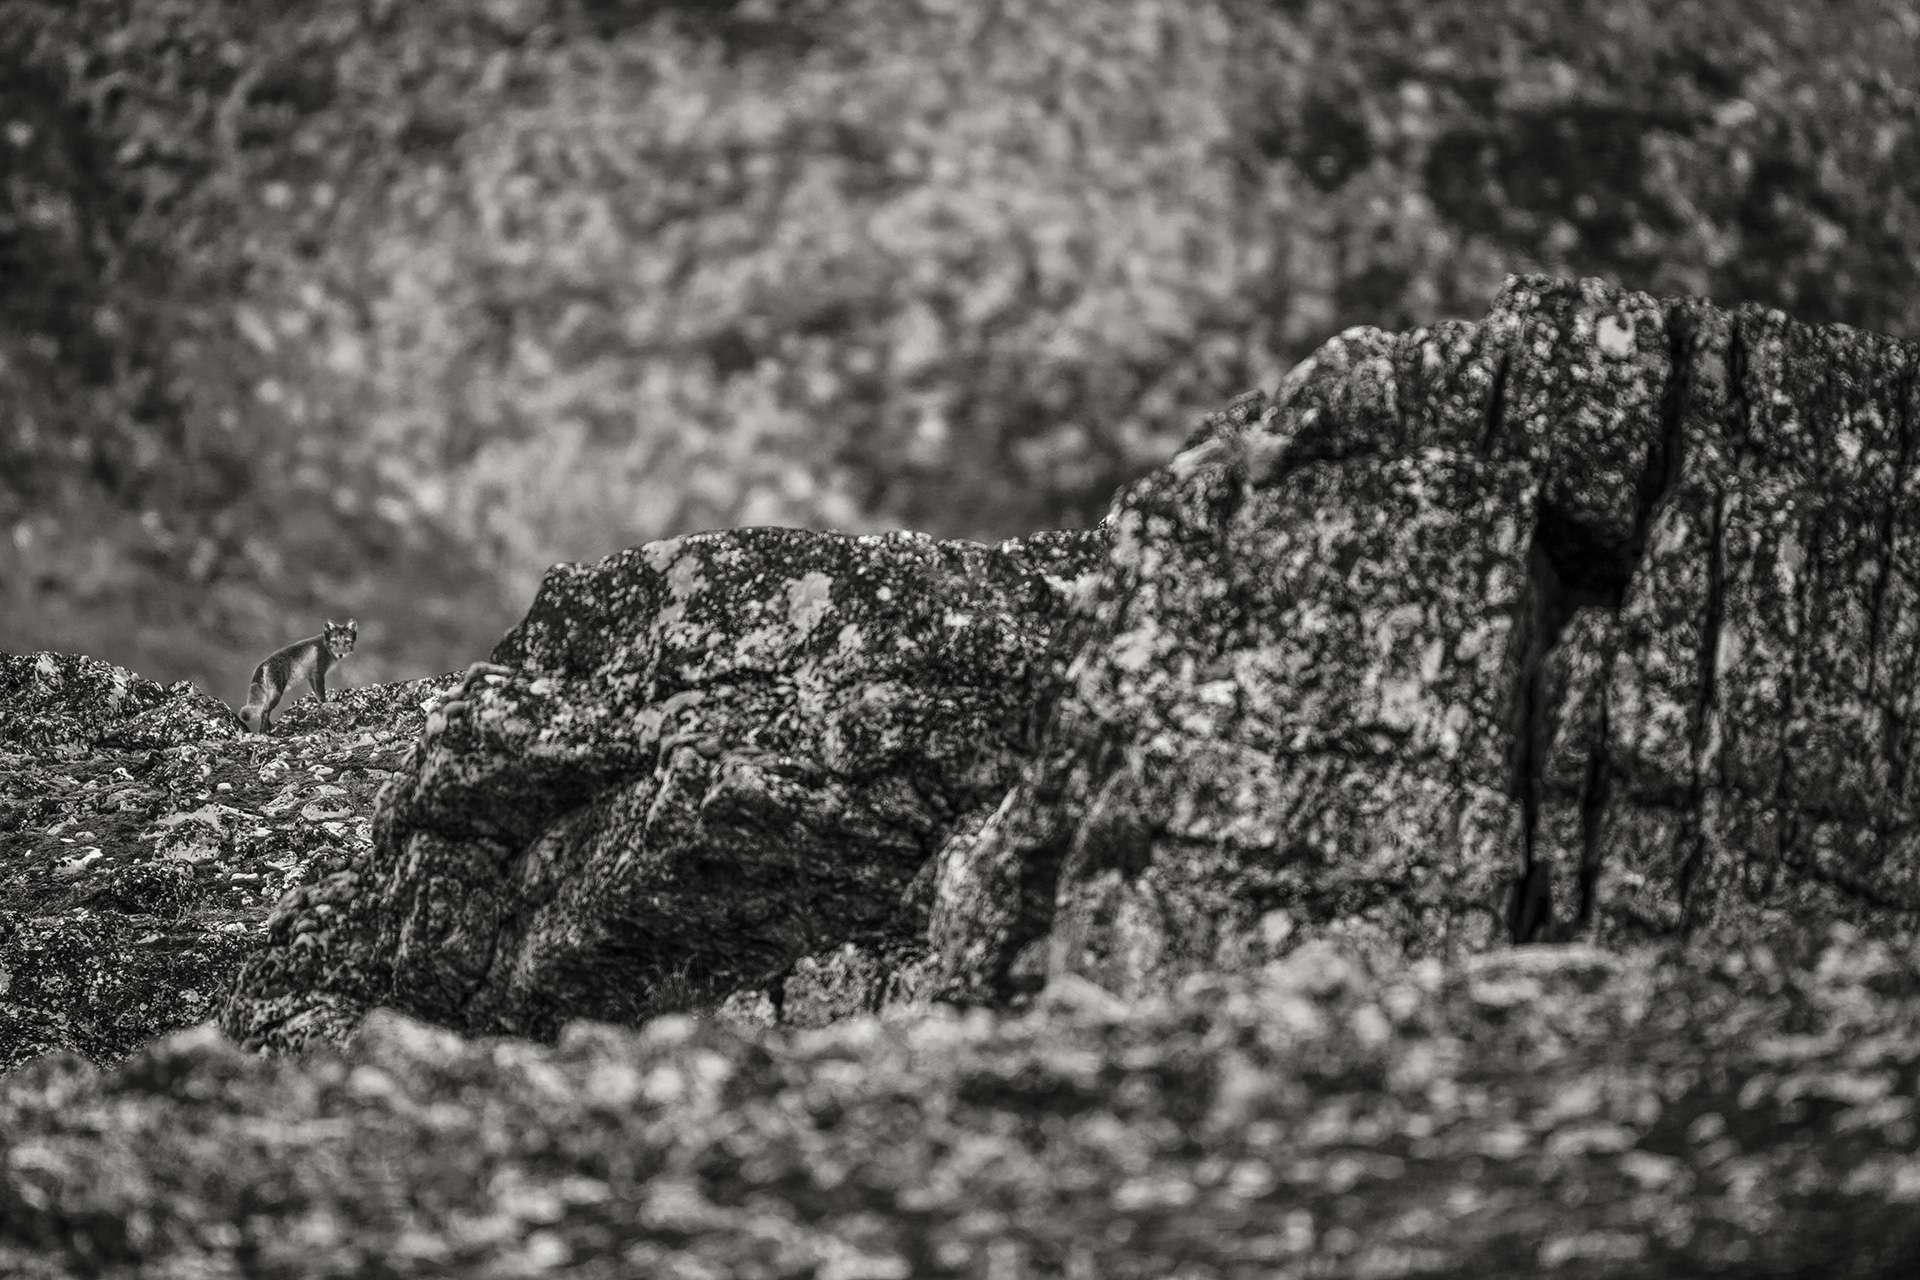 Photographie de Gilles Martin : renard polaire de Spitzberg, Struggle for life